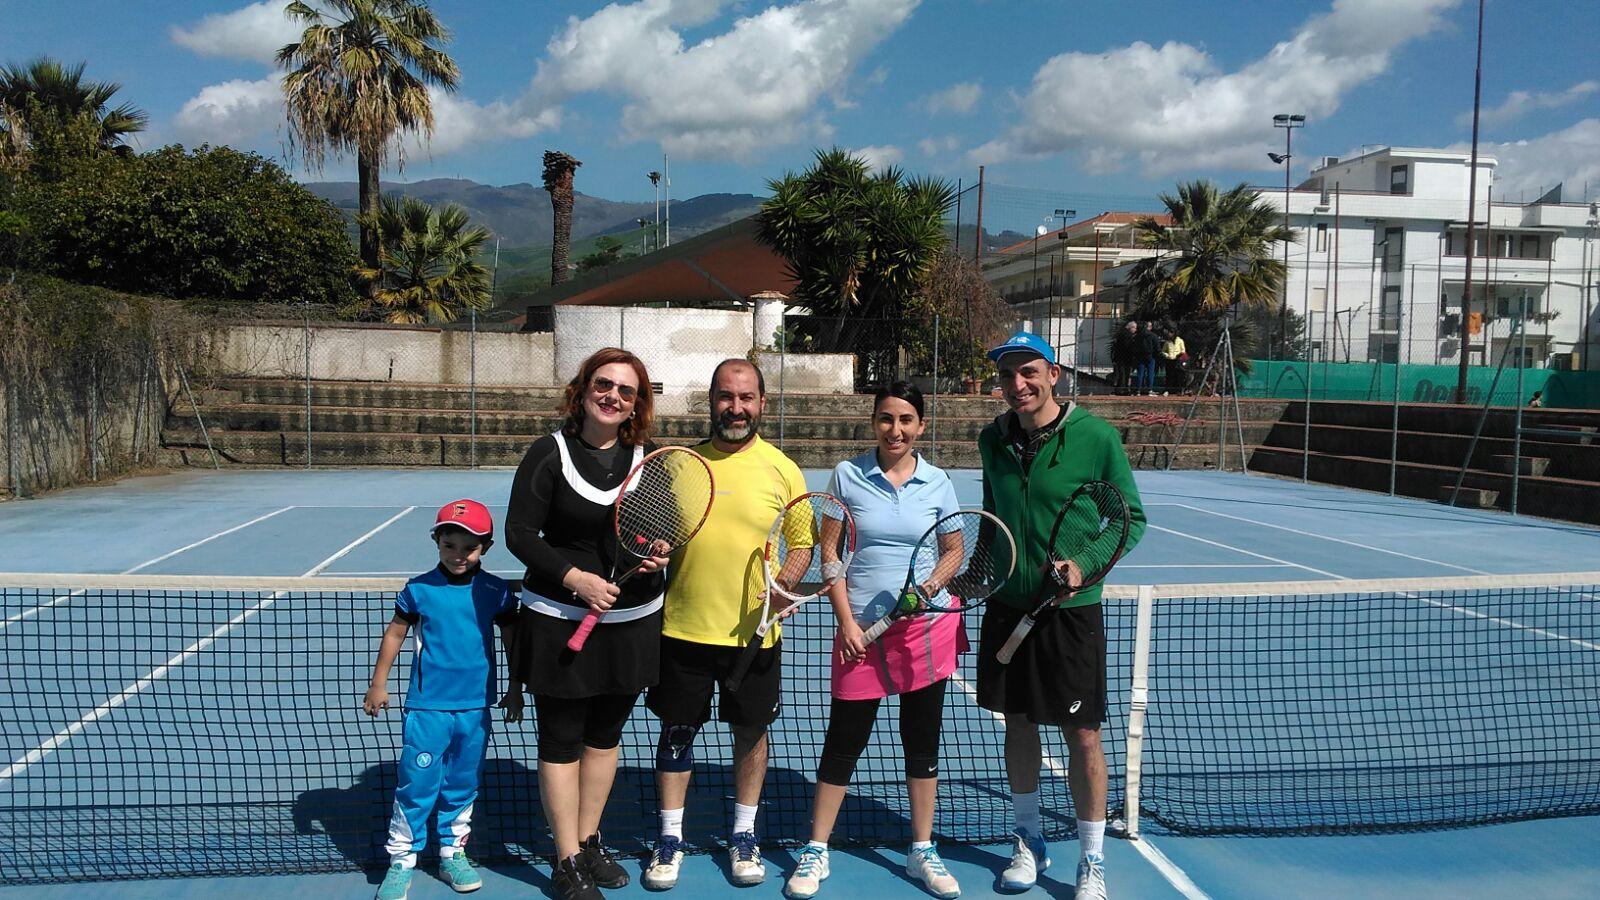 TPRA - INDIA WEELS Viola Tennis